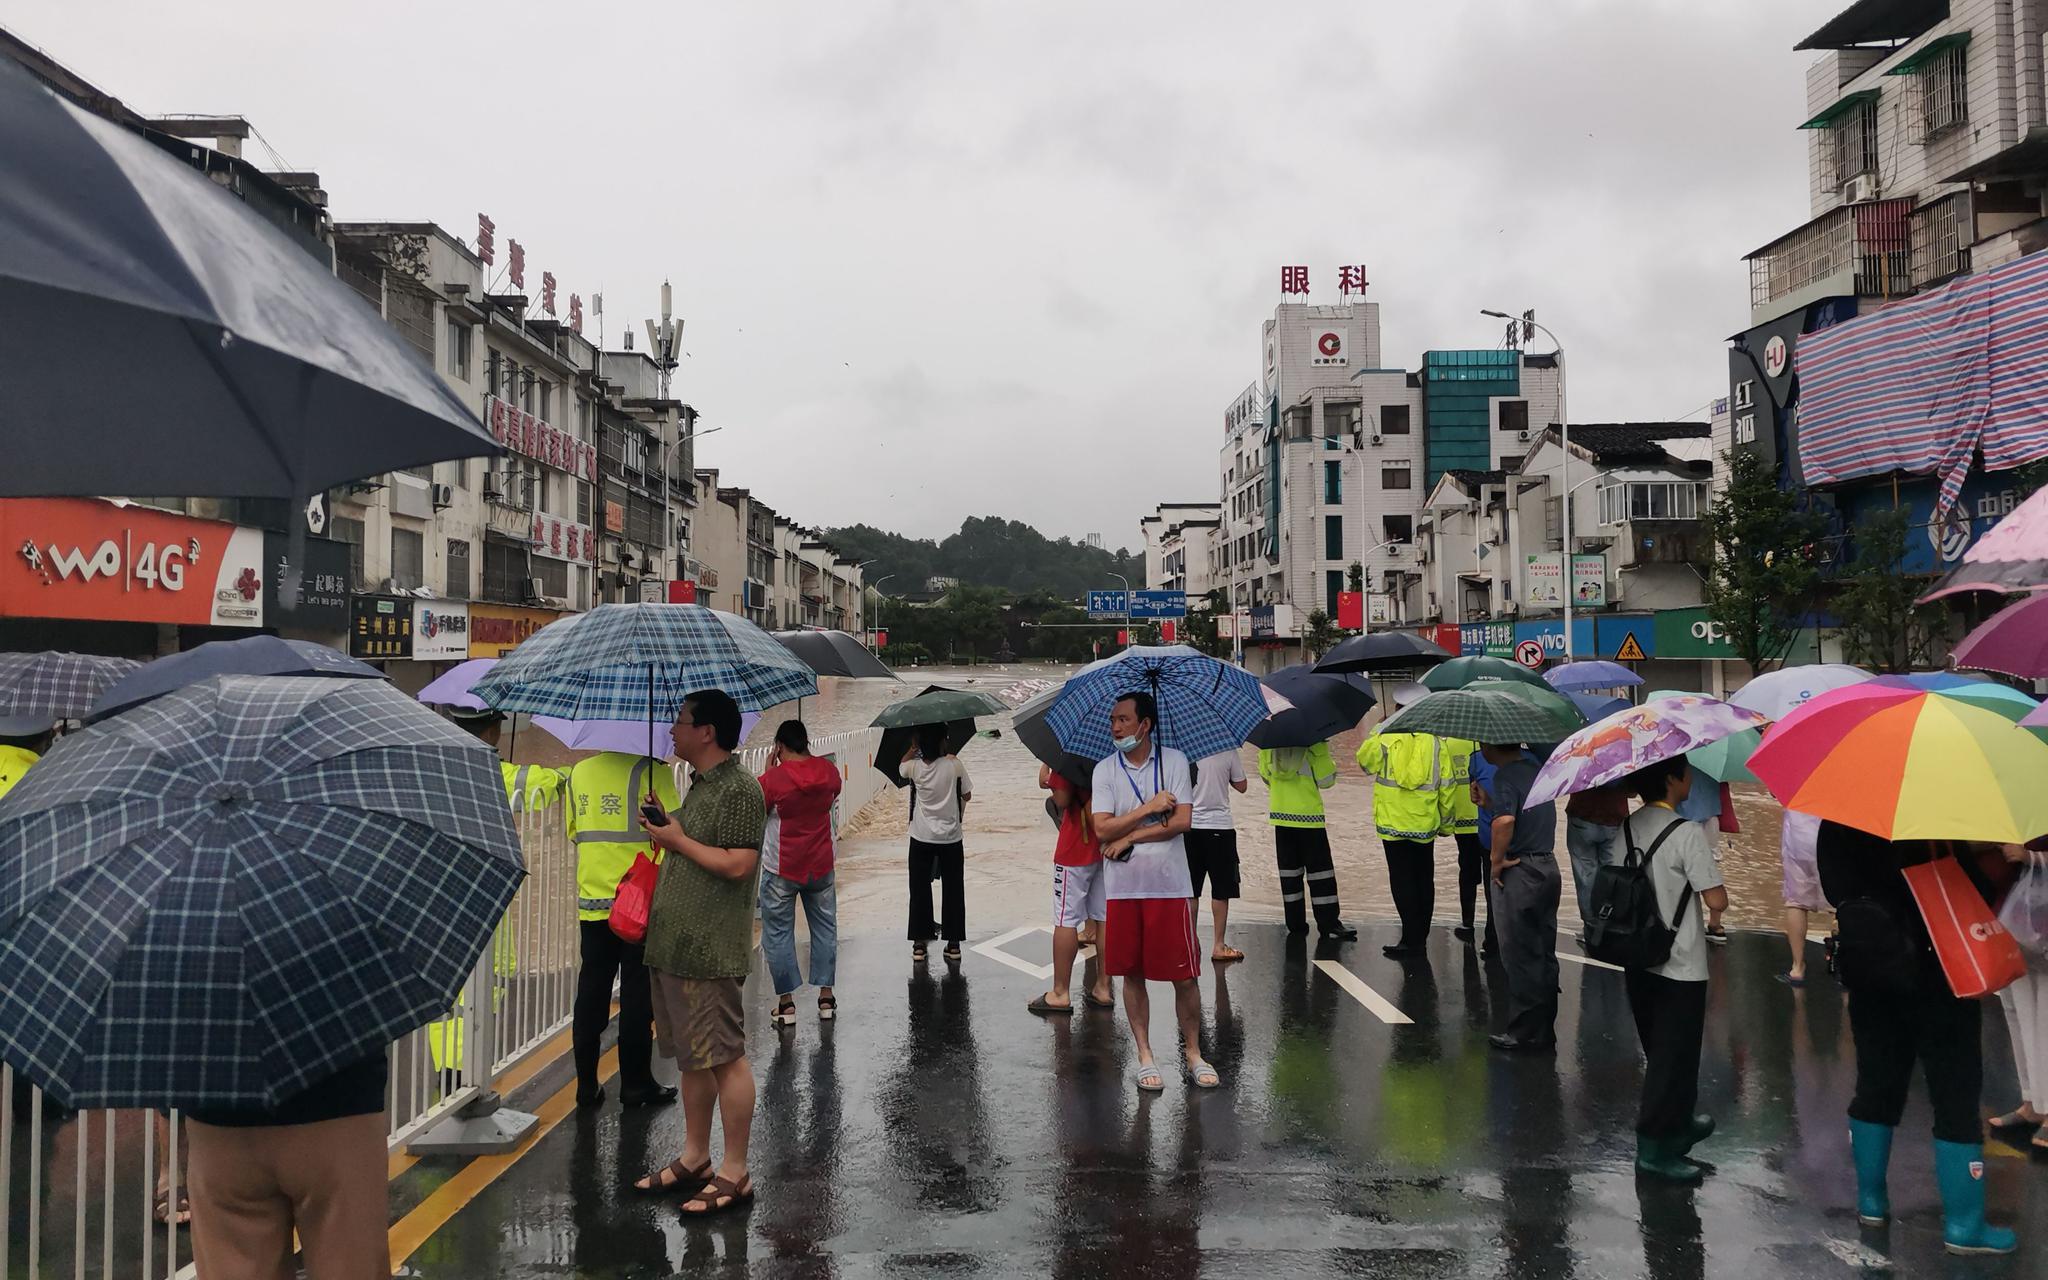 7月7日,河道洪水漫上街道,警方在现场维持秩序。受访者供图